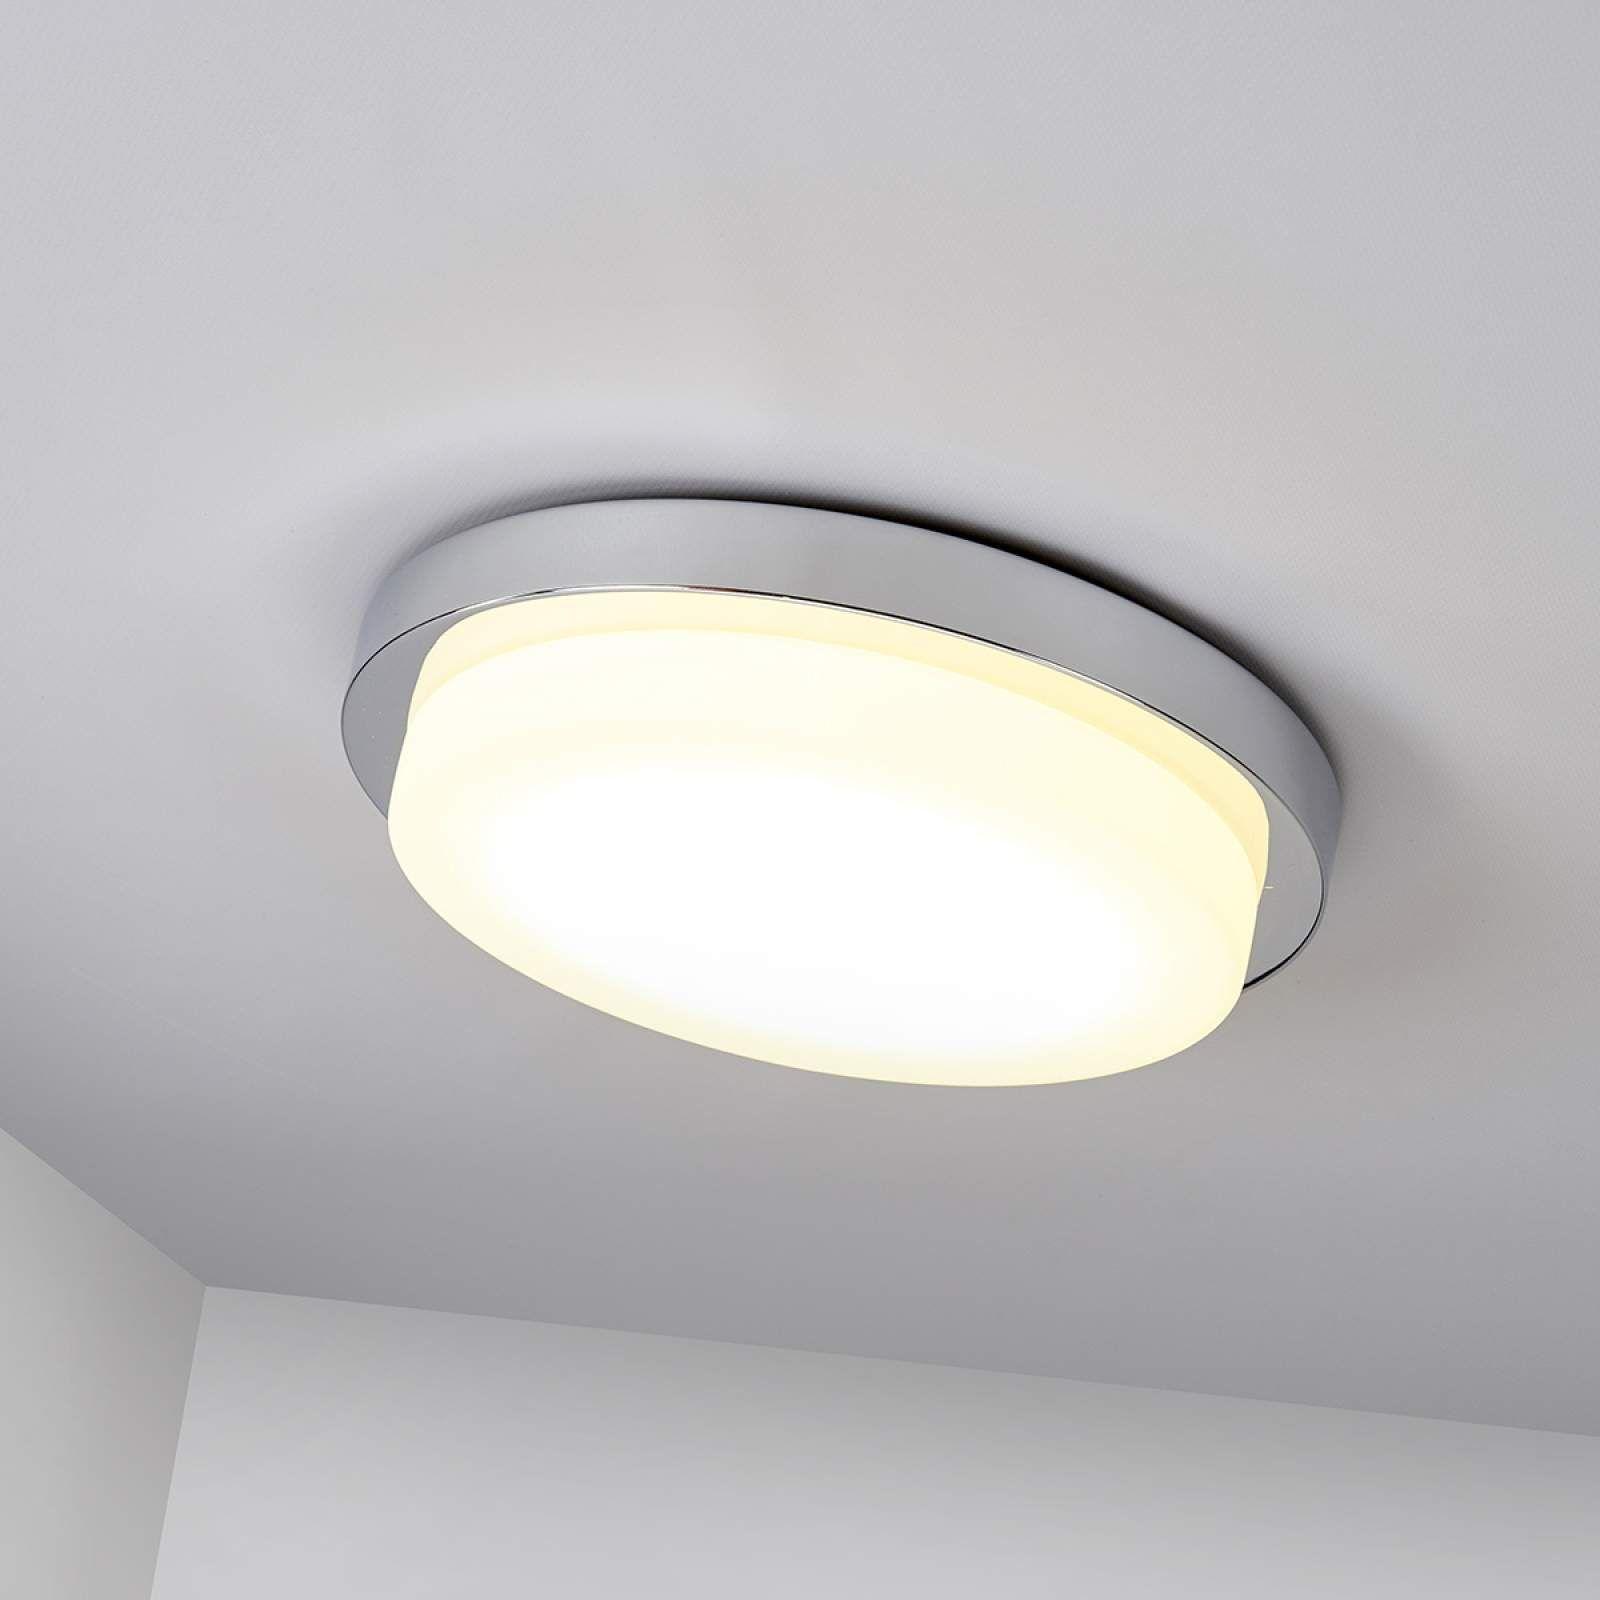 Moderne Deckenleuchte Von Lampenwelt Com Silber Led Deckenlampen